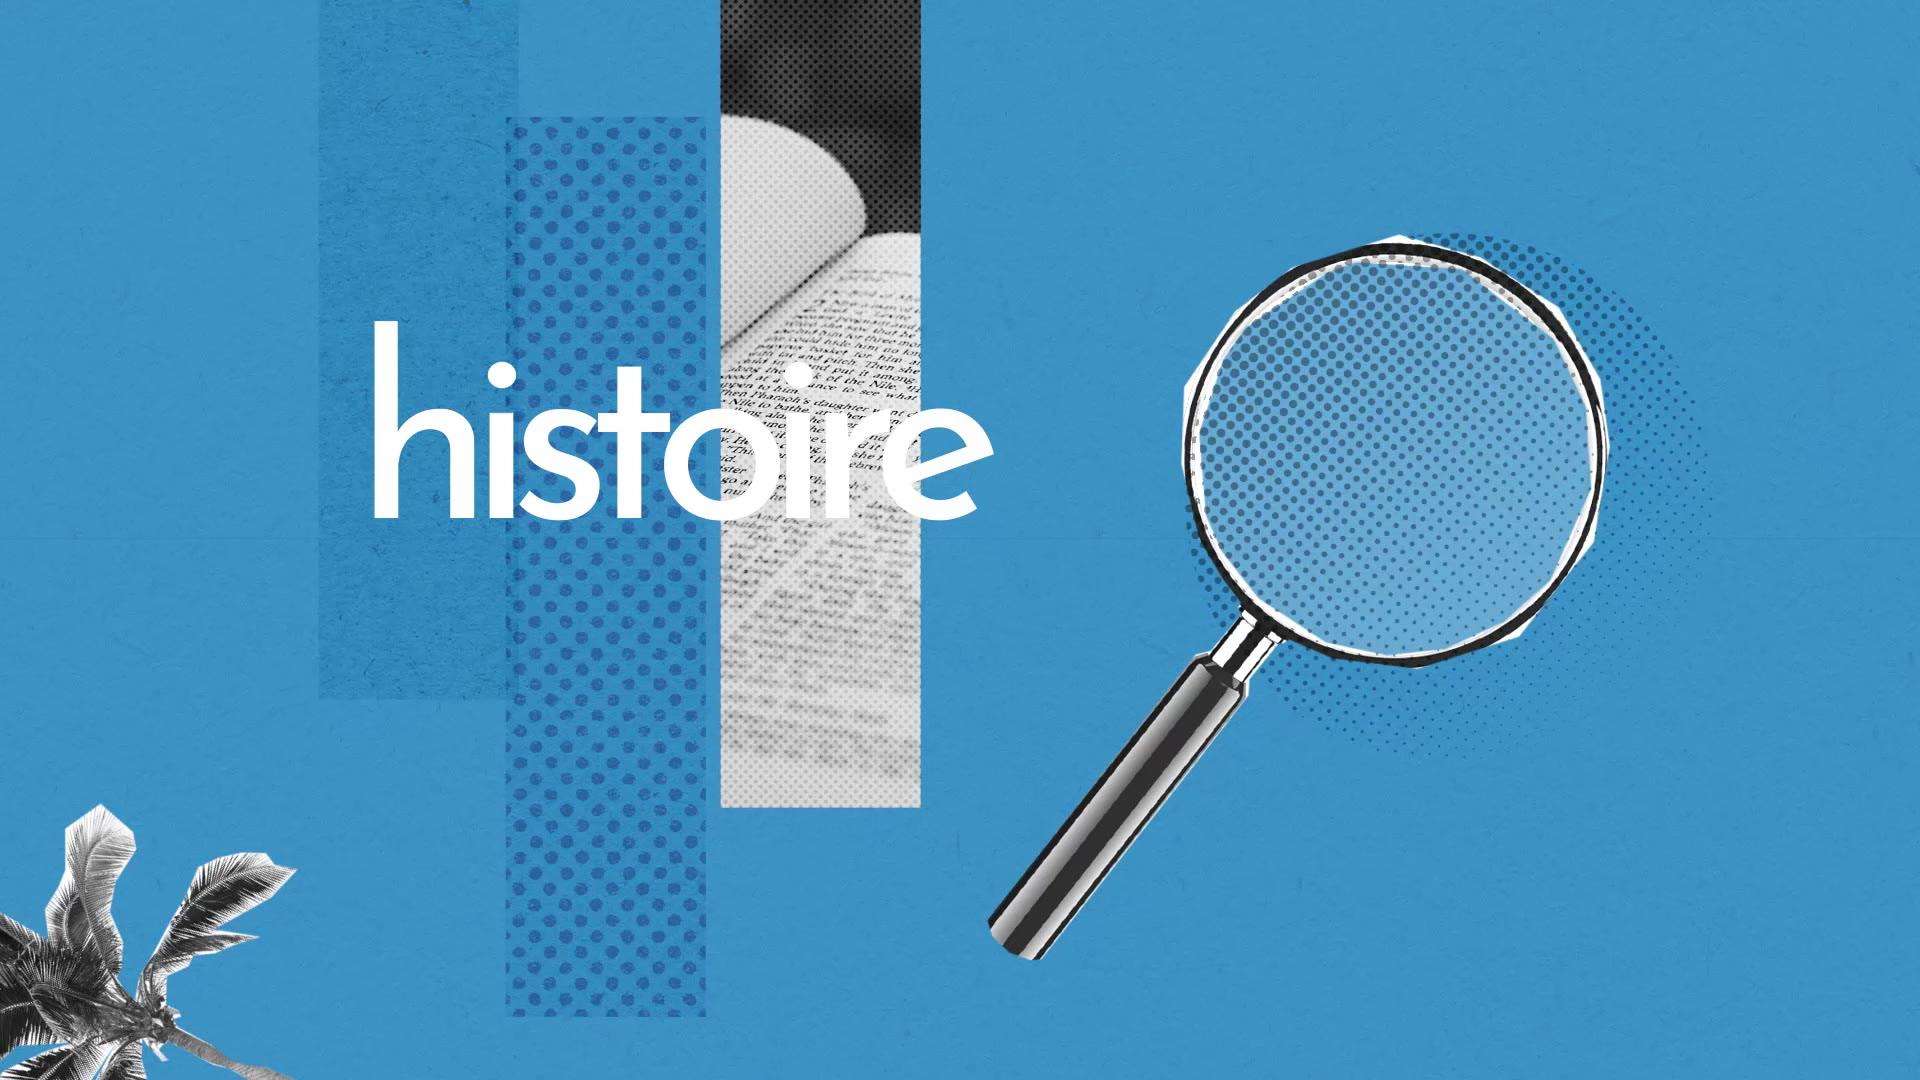 Histoire Définition Simple Et Facile Du Dictionnaire